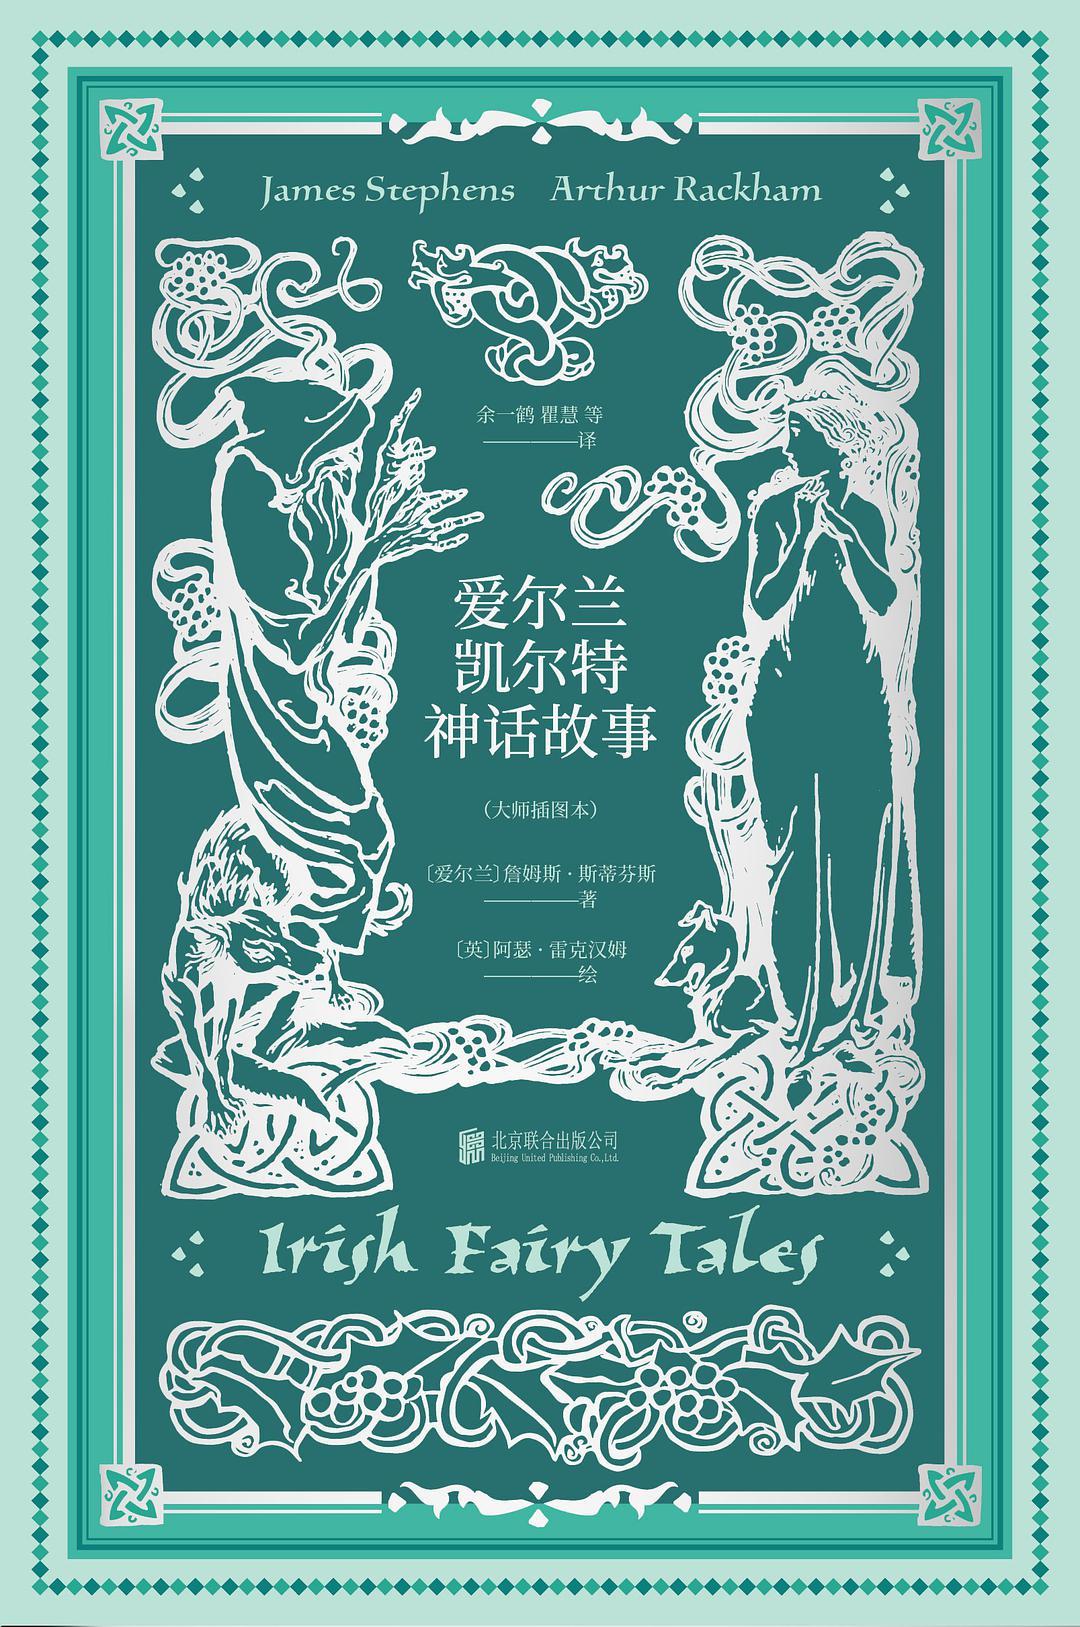 爱尔兰凯尔特神话故事-好书天下